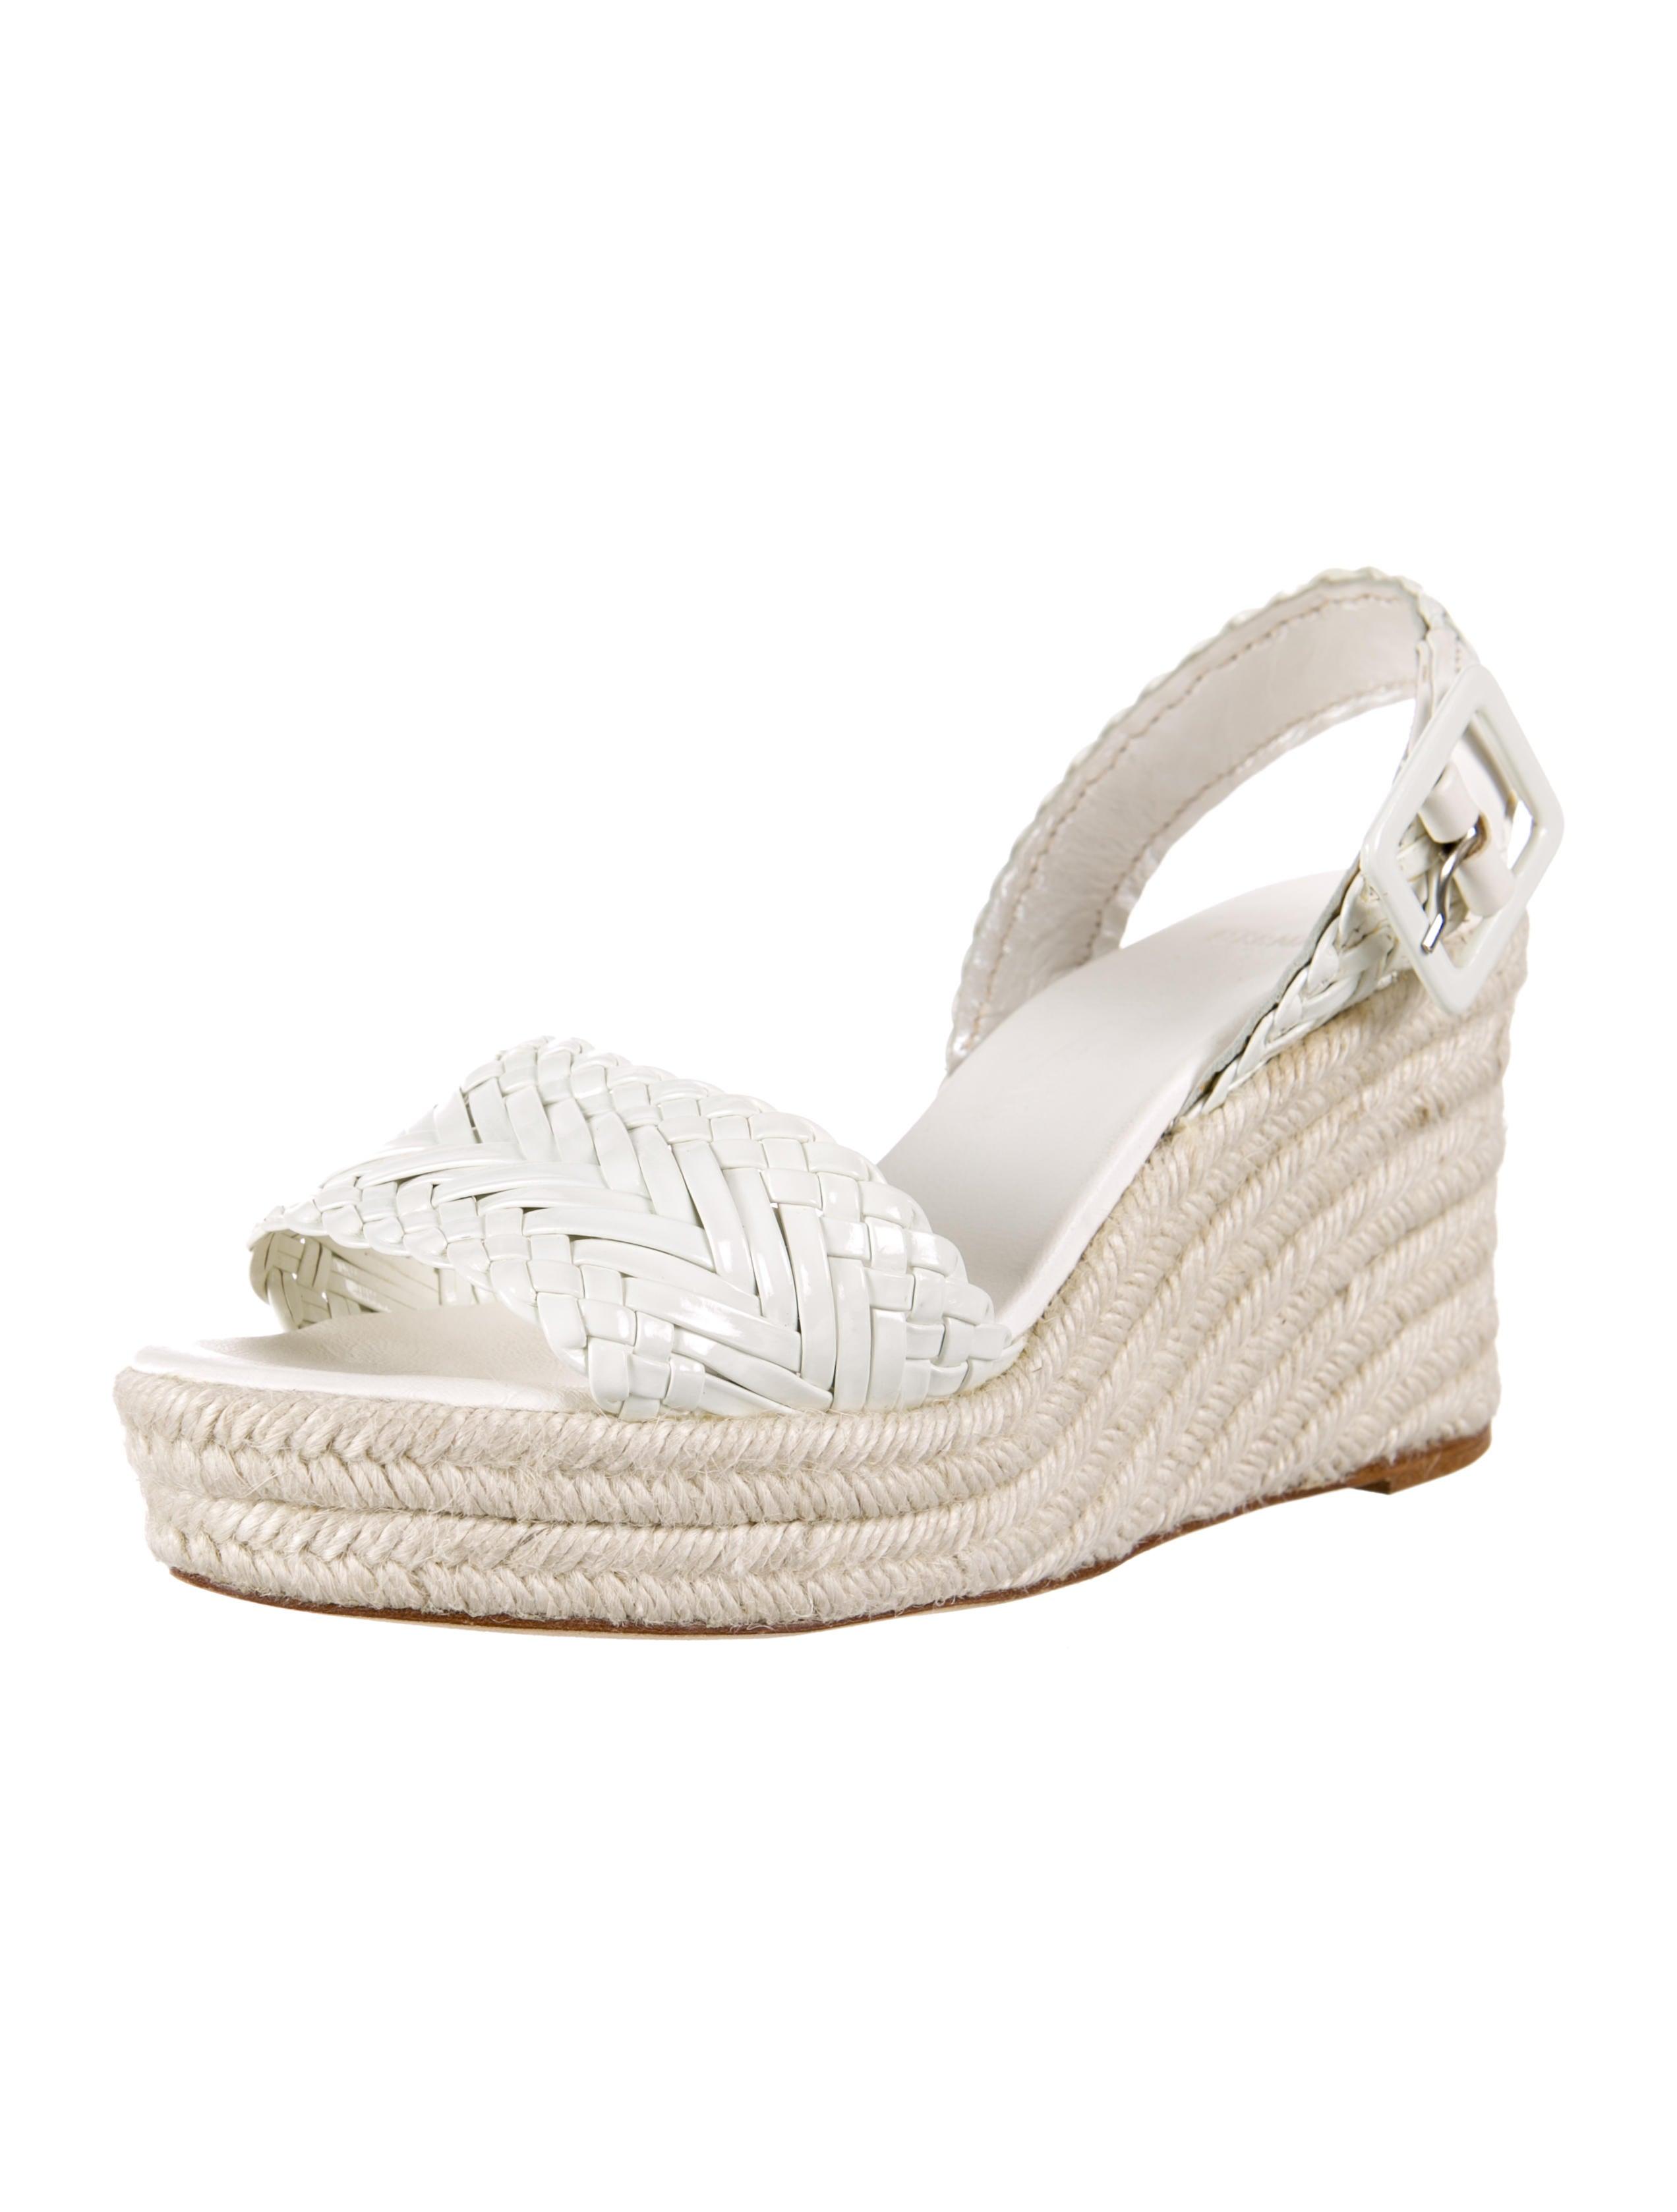 Cool Ecru Sandals HERMS Ecru Size 39 EU In Other  816104